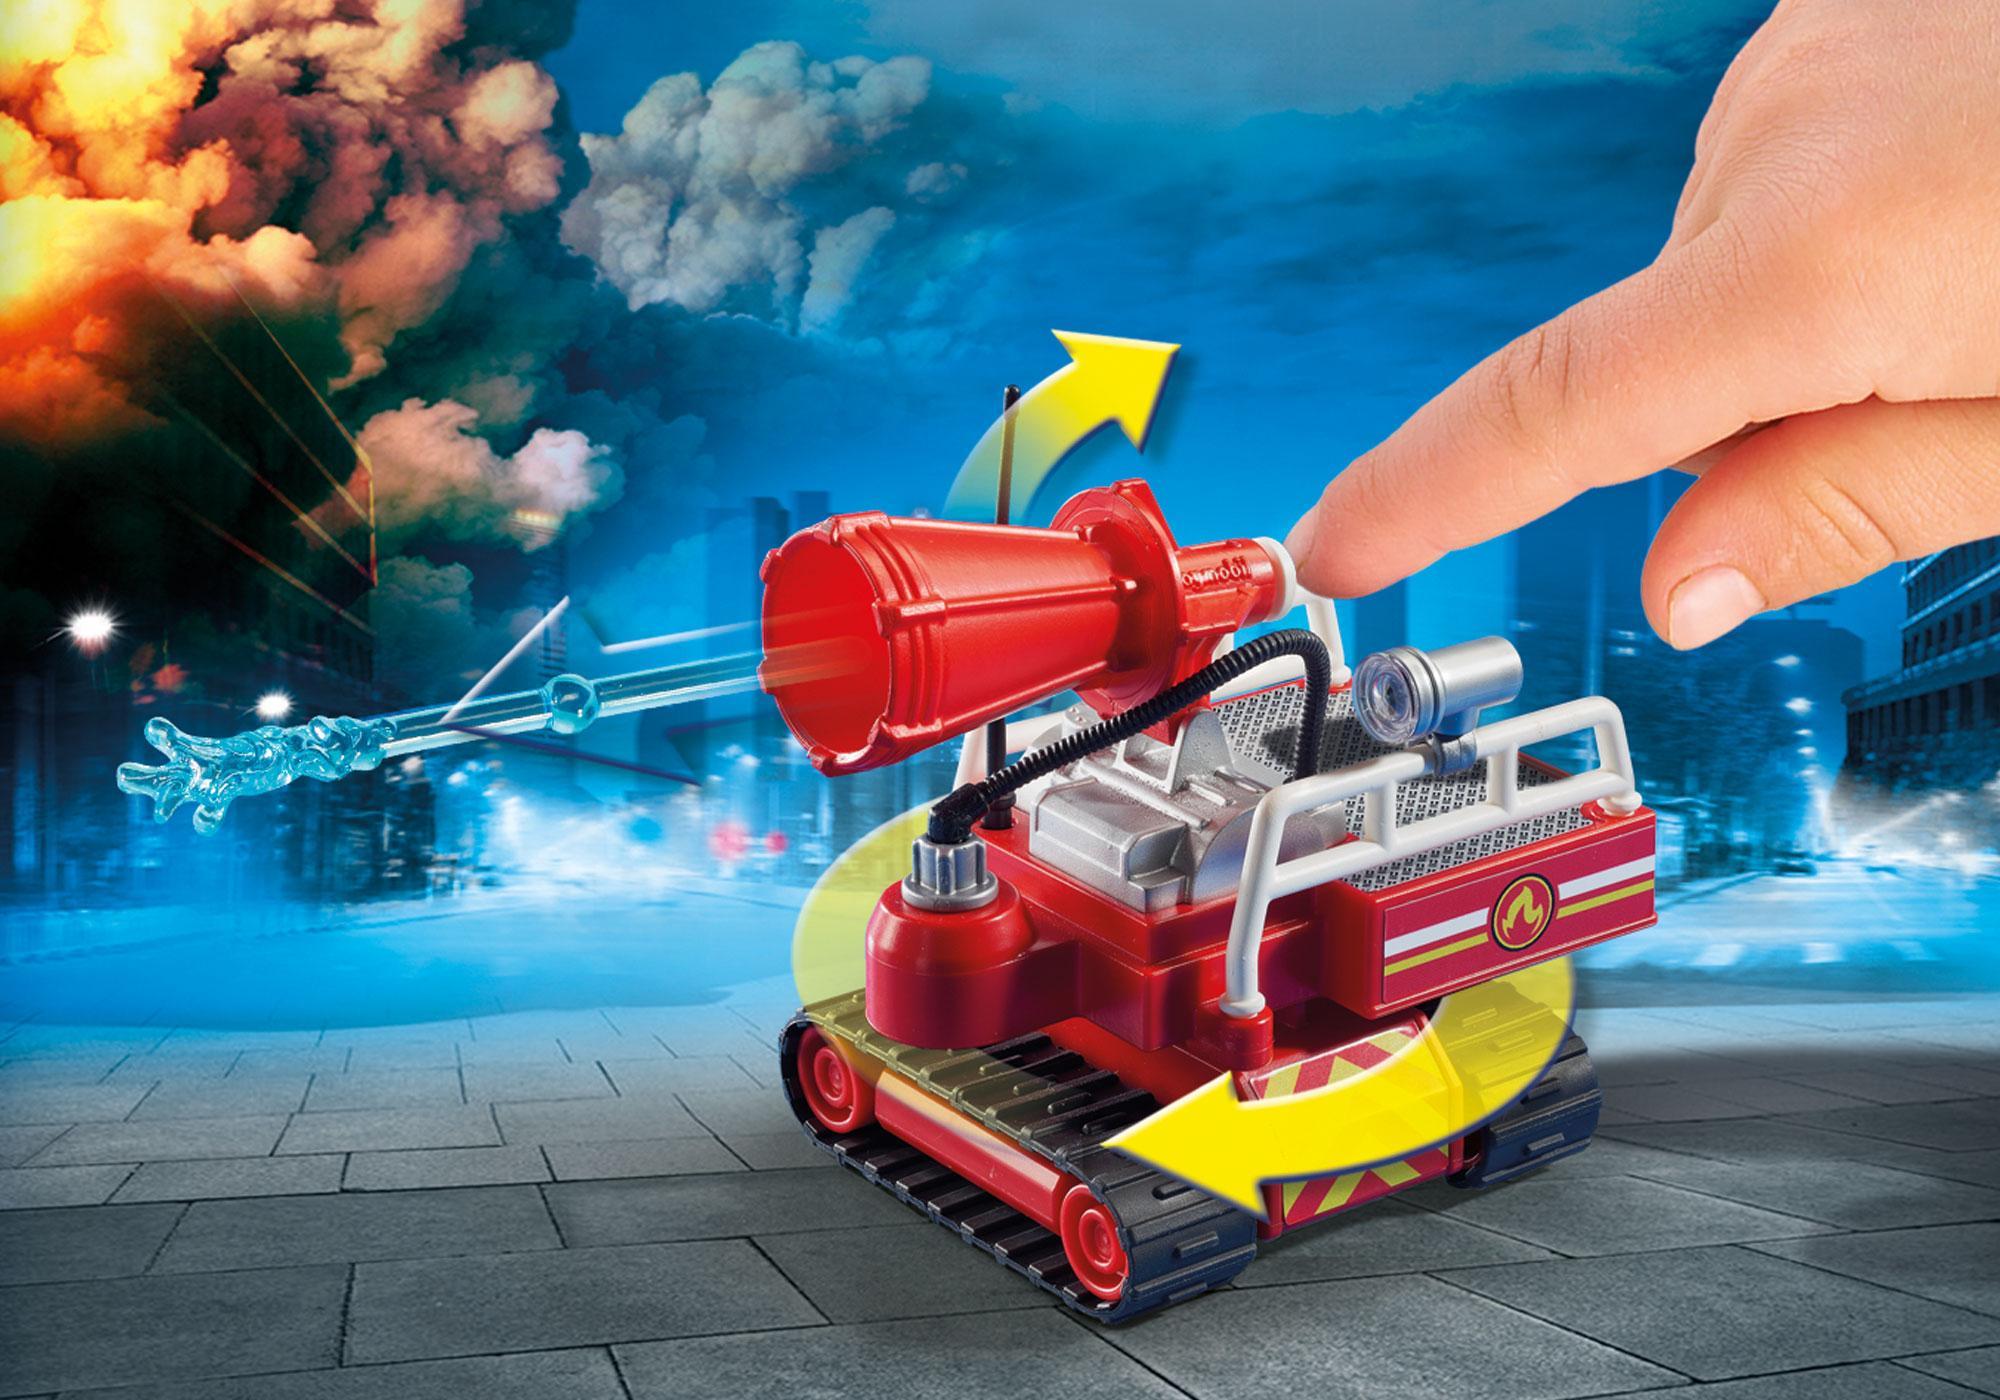 http://media.playmobil.com/i/playmobil/9467_product_extra1/Släckningsrobot